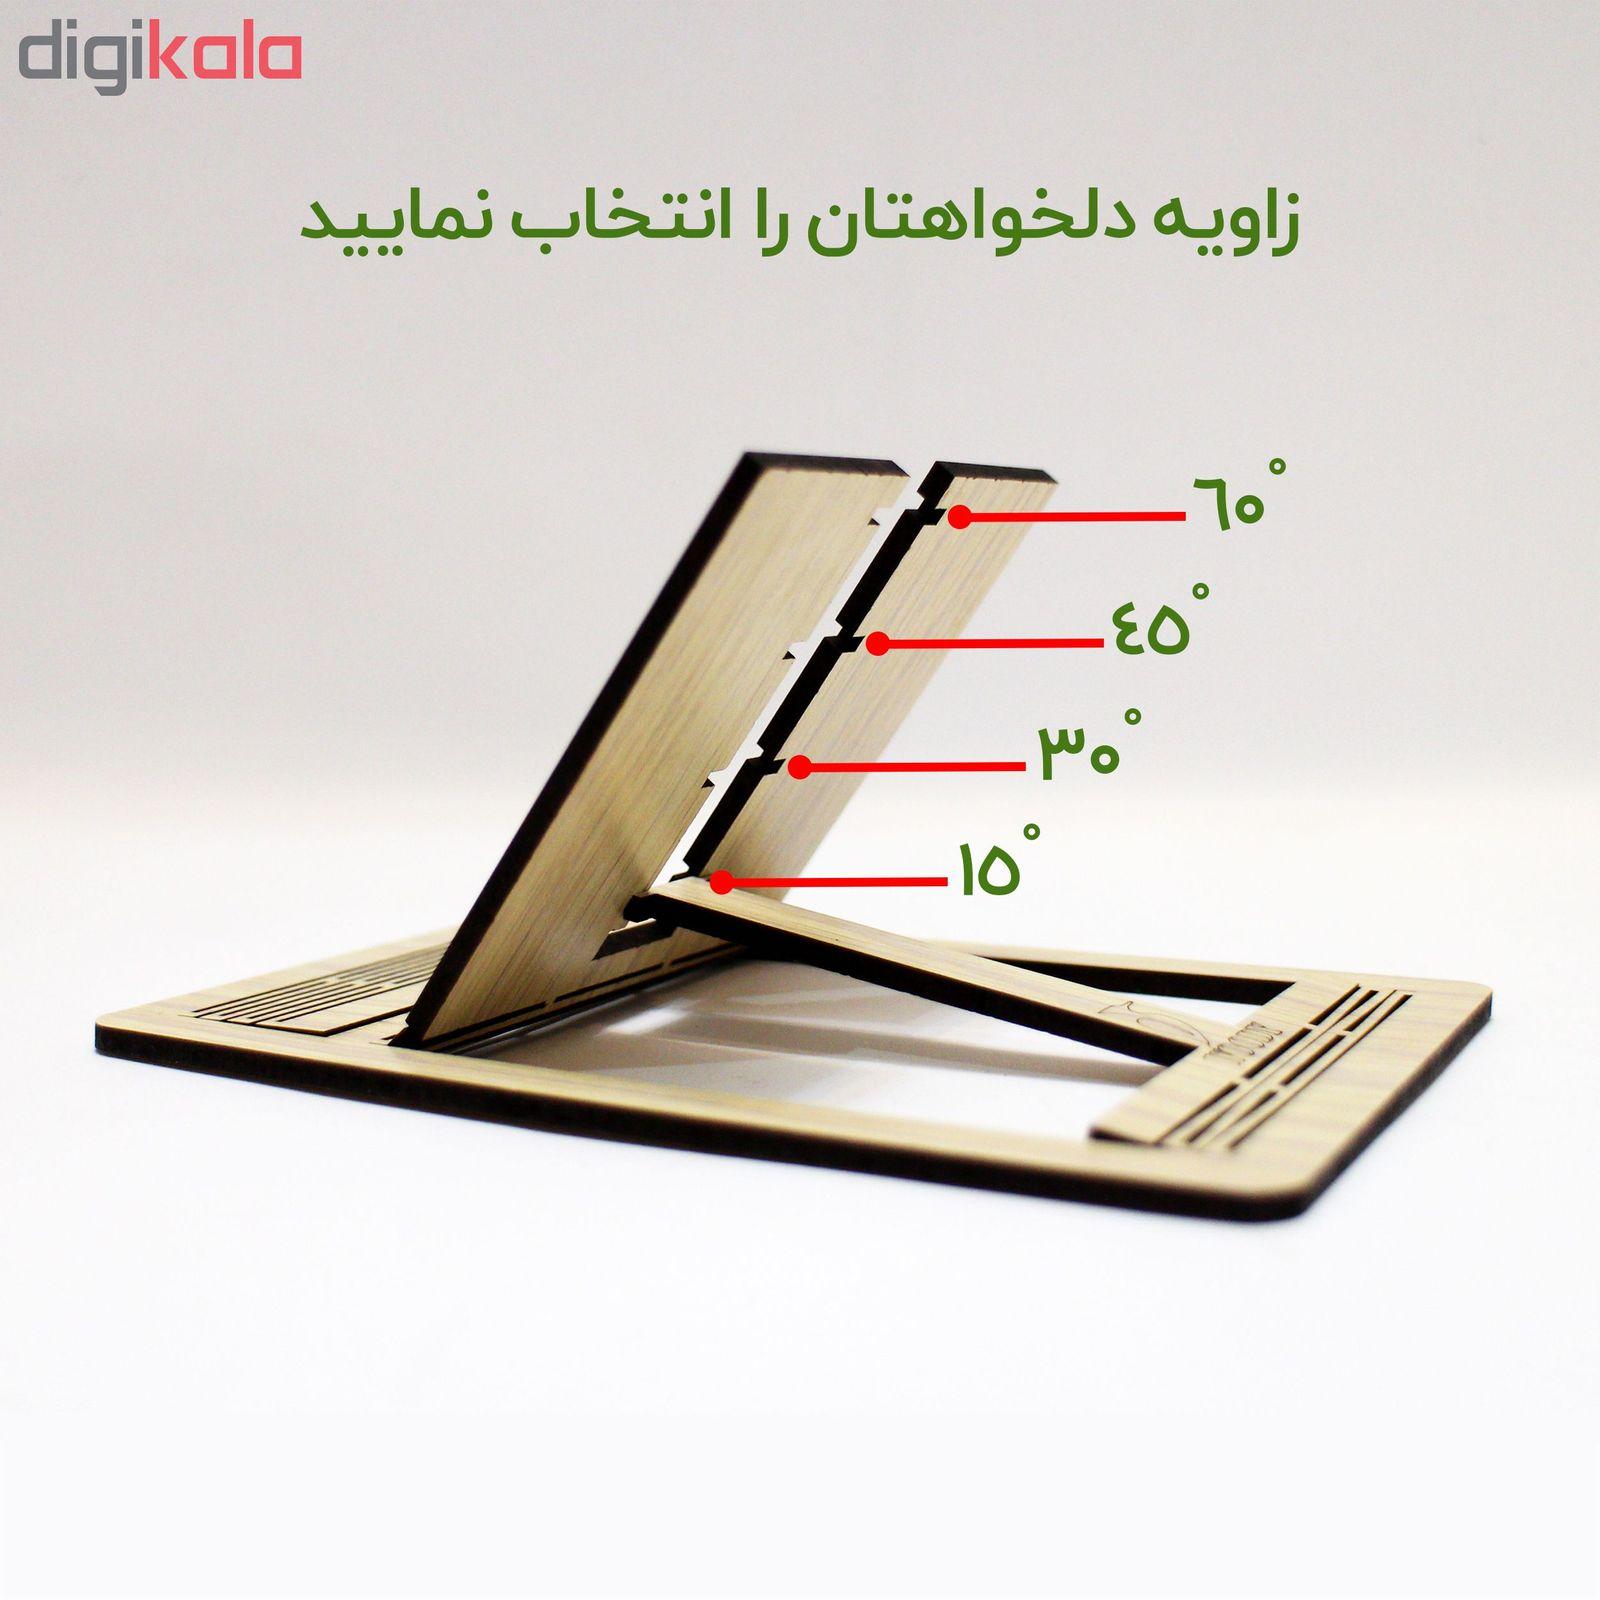 پایه نگهدارنده گوشی موبایل و تبلت وودی کد PS01 main 1 1